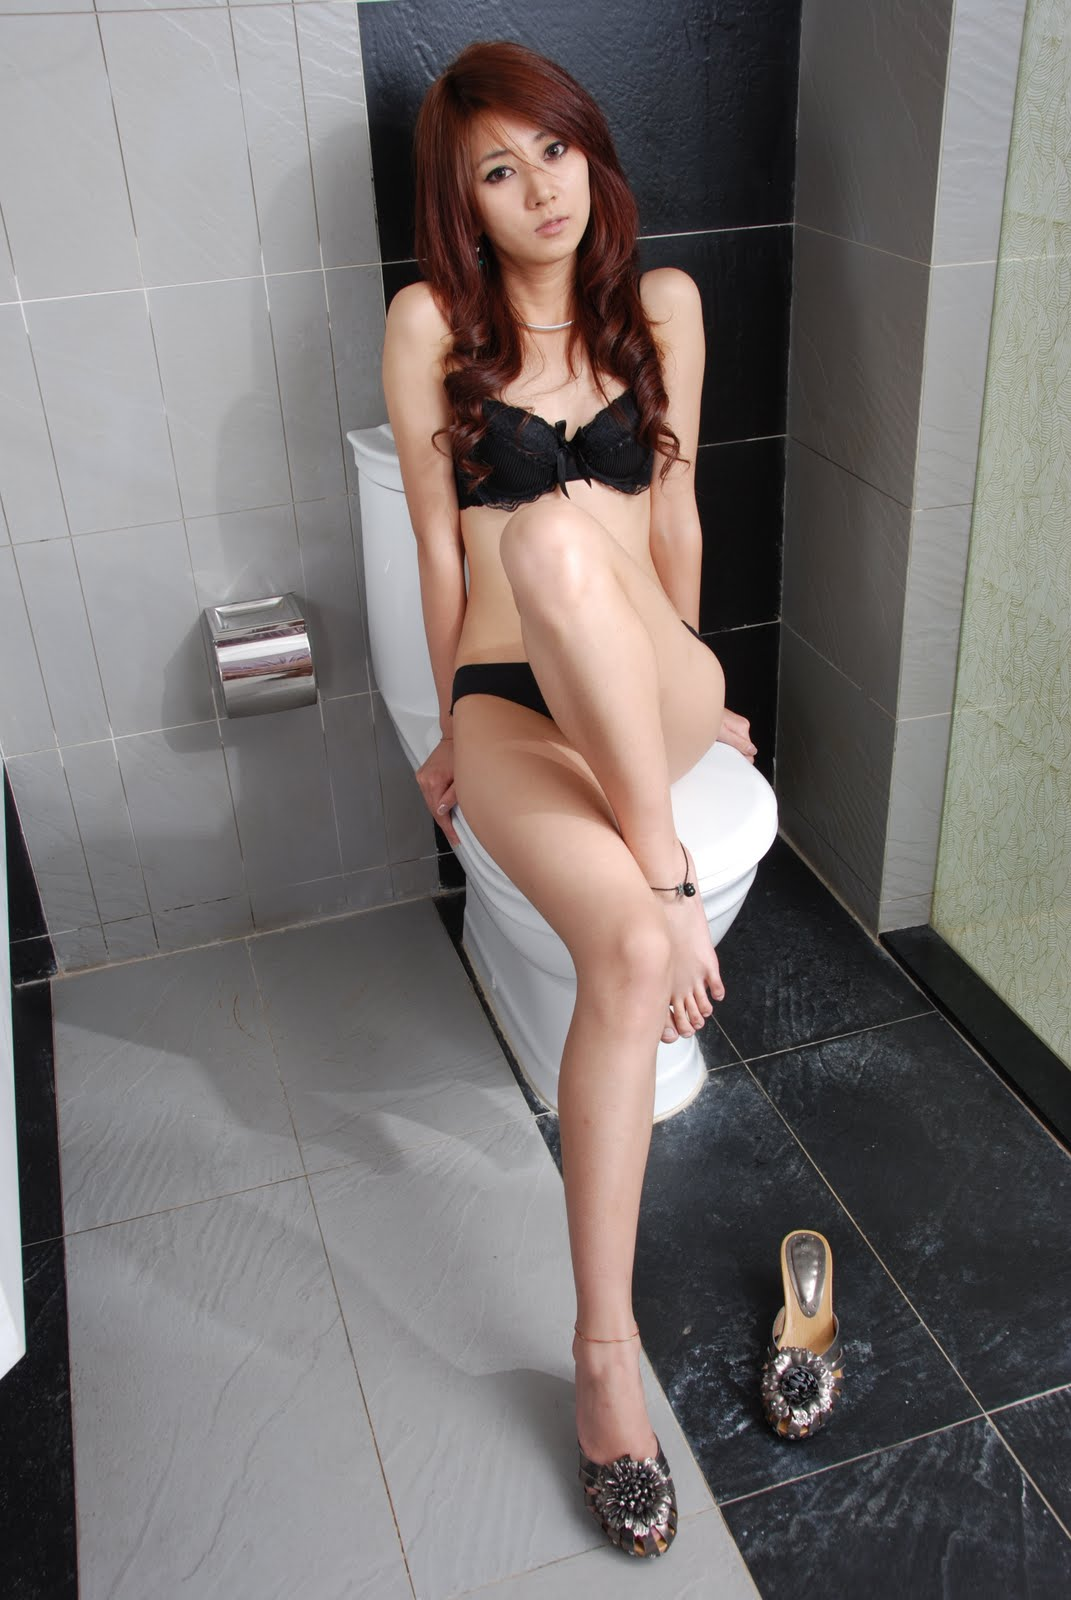 yan feng jiao controversial bikini pictorial 01